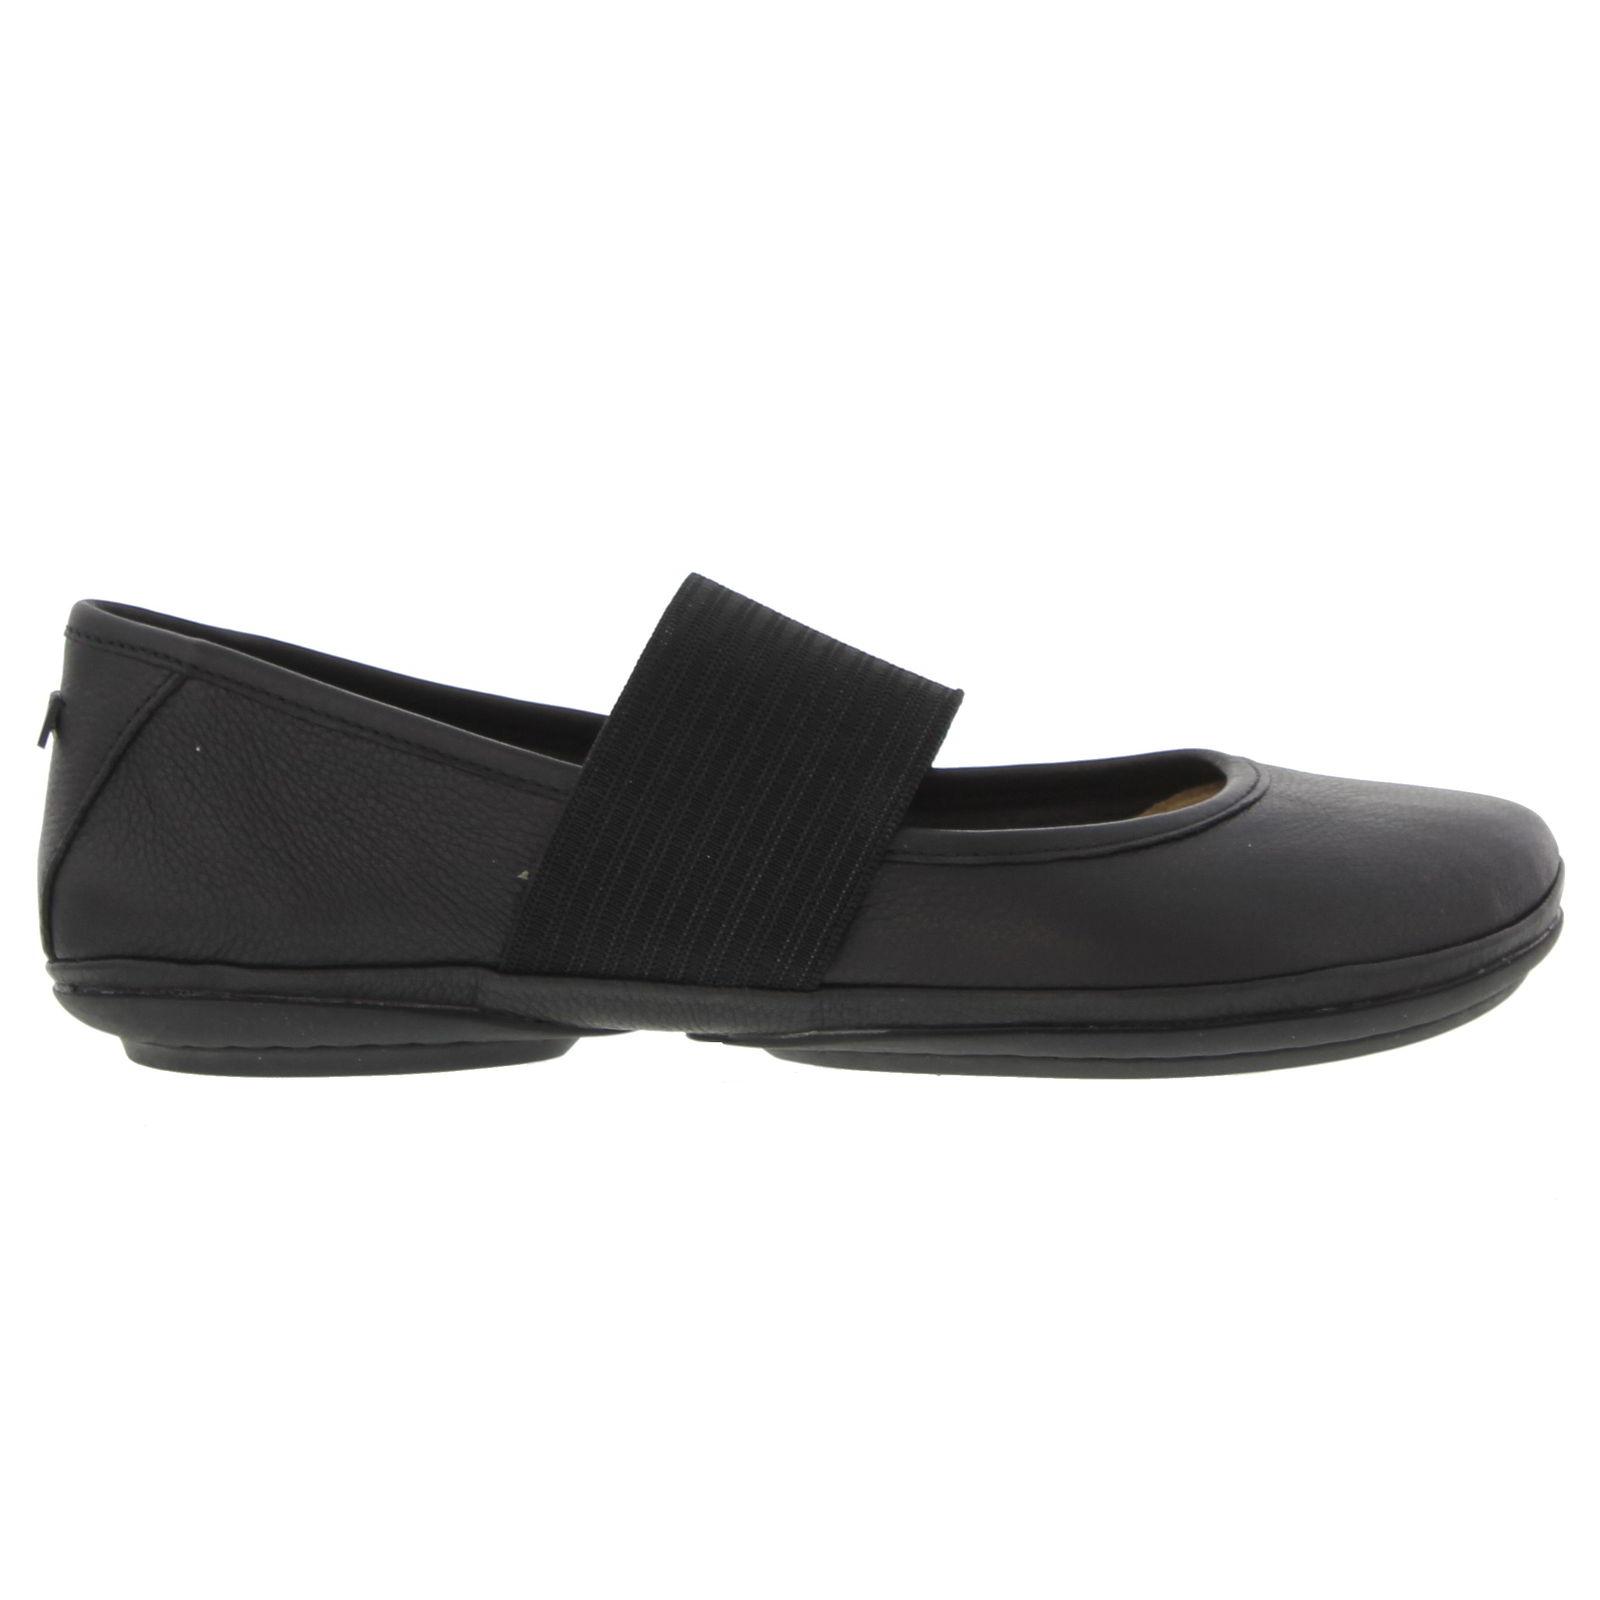 Camper Womens Right Nina 21595 Ballet Pumps Shoes - Black